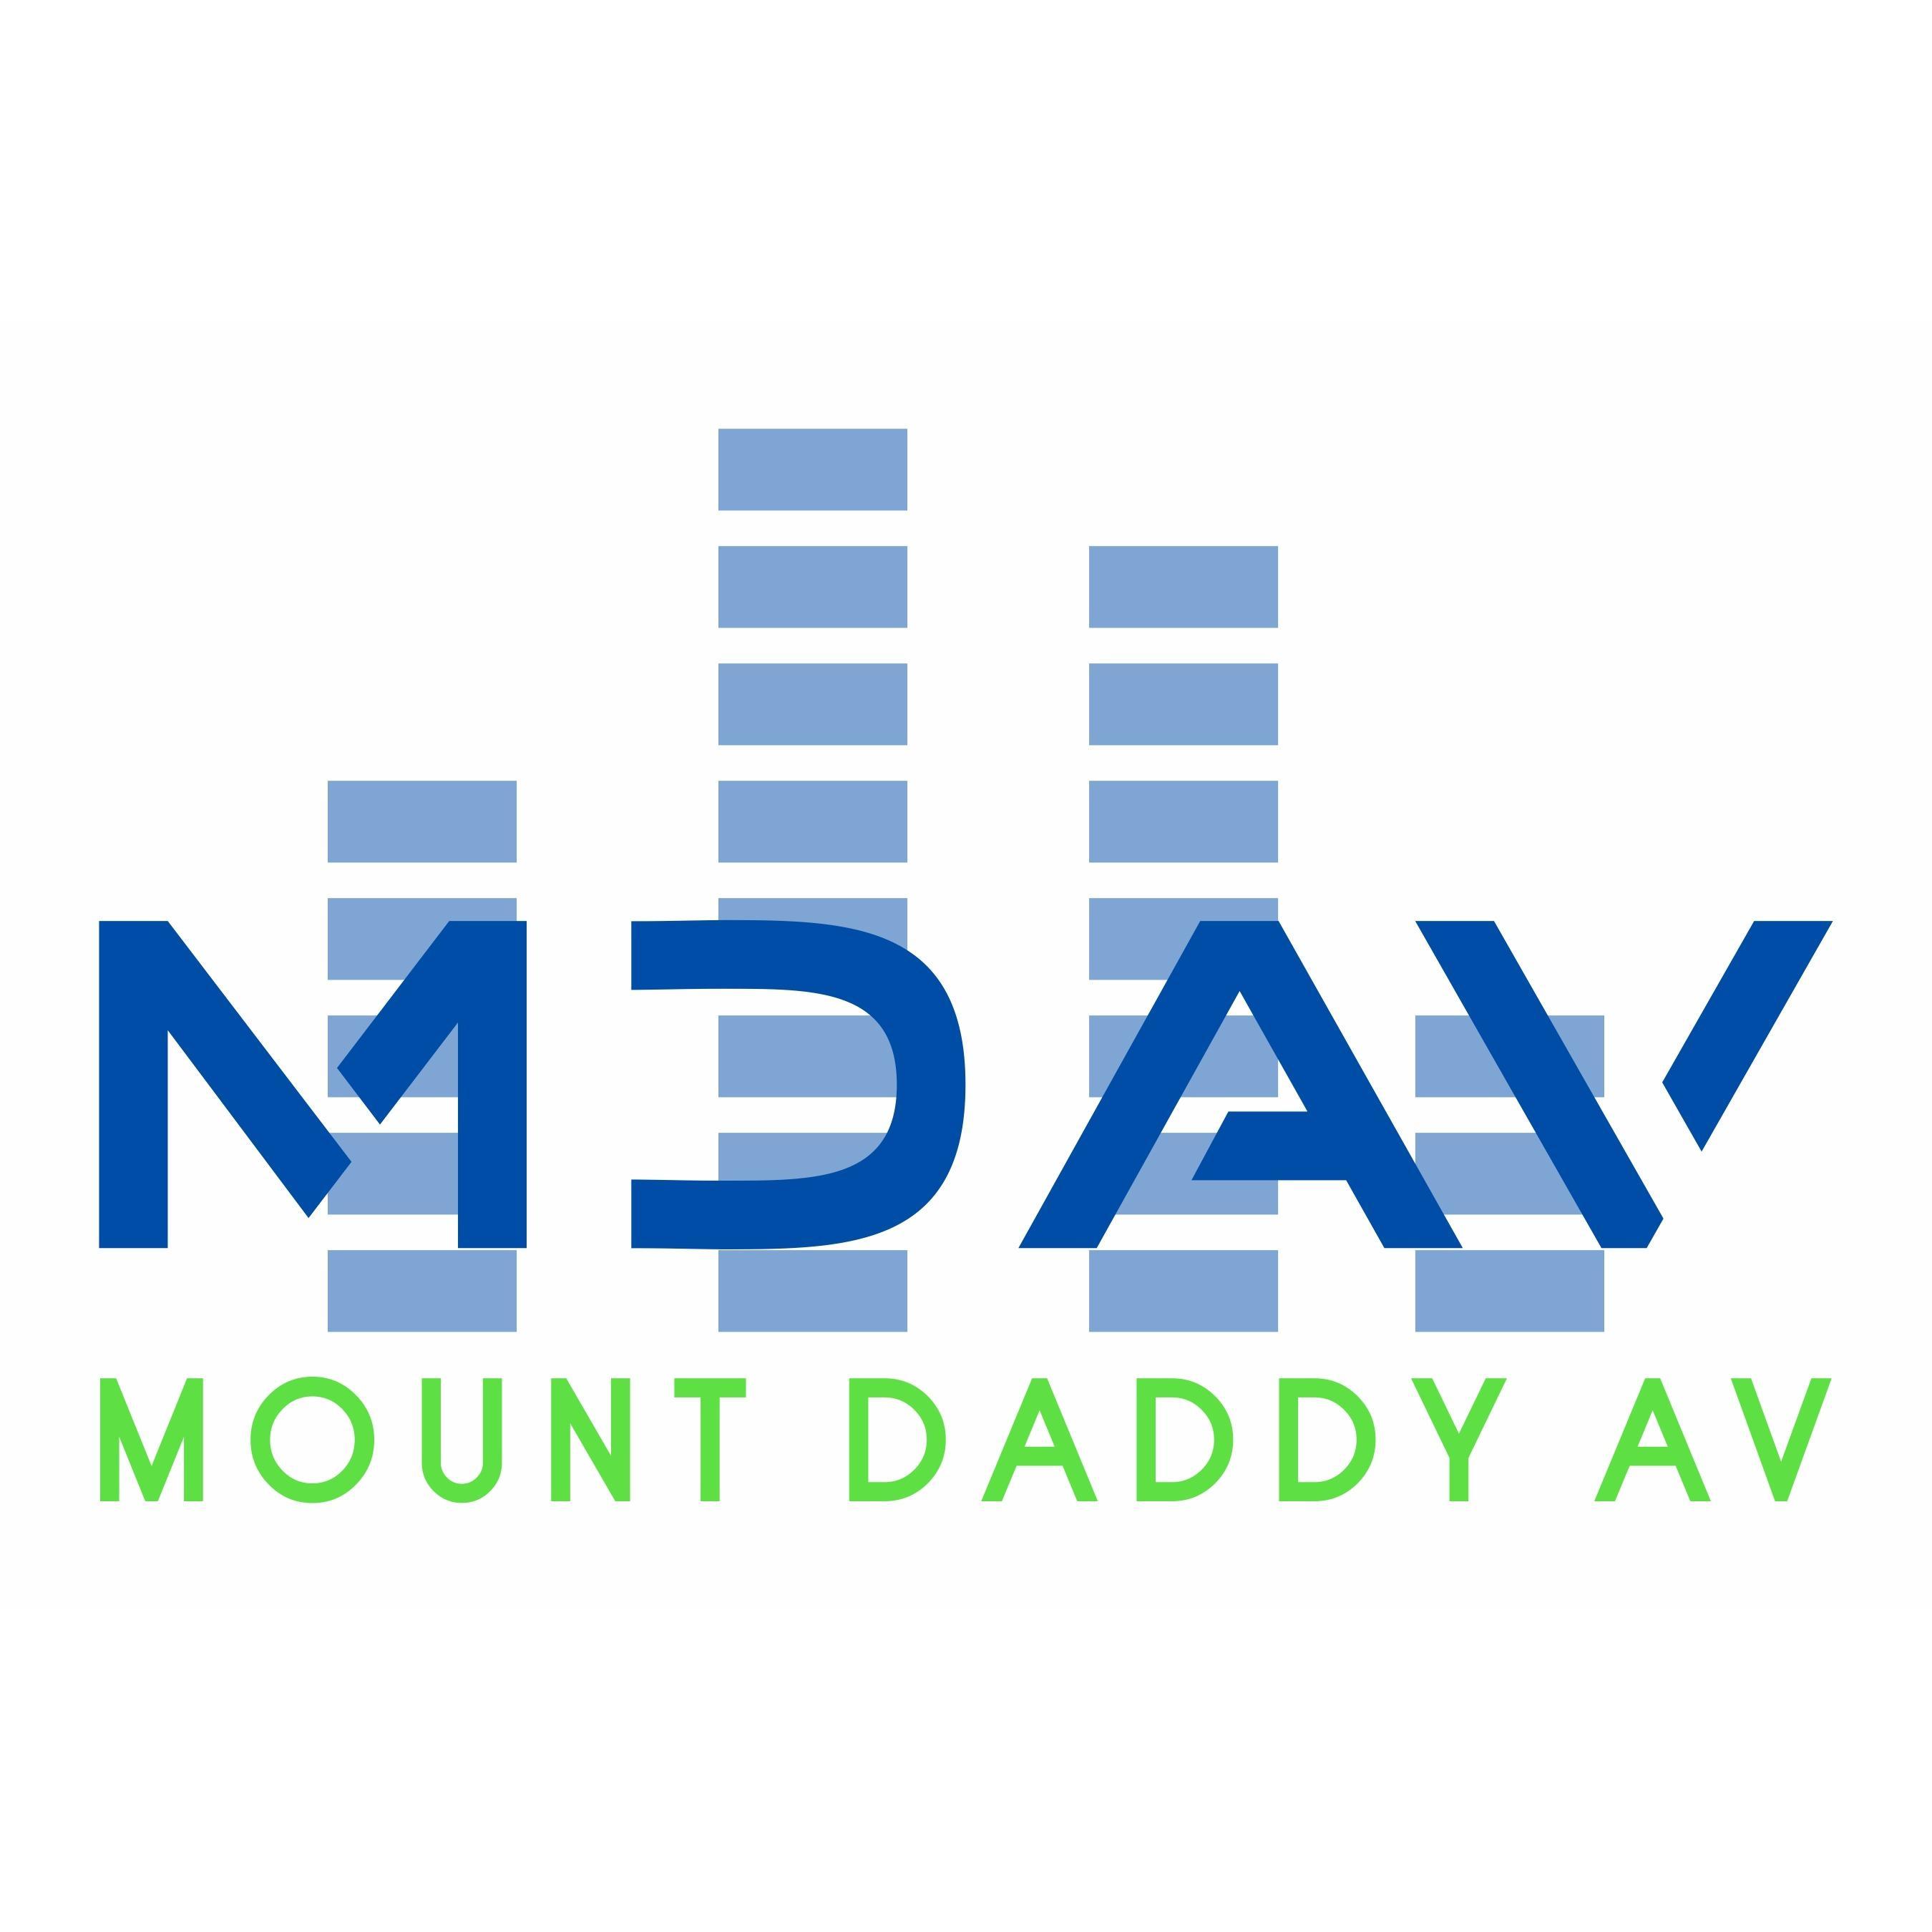 Mount Daddy AV